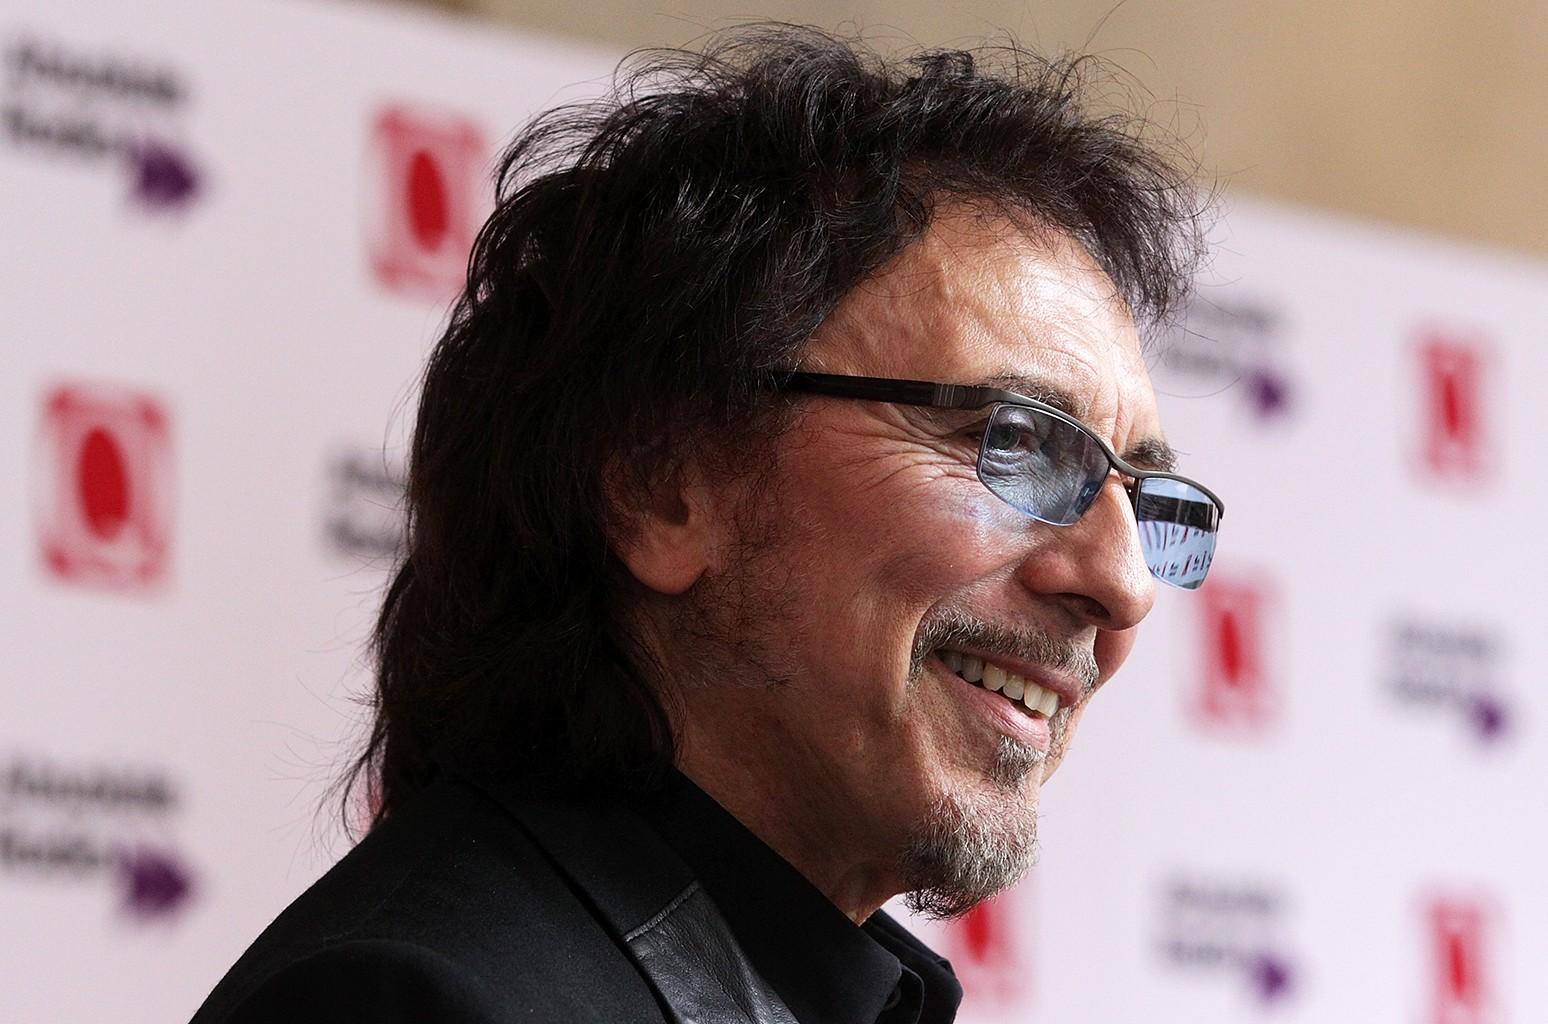 Tony Iommi in 2015